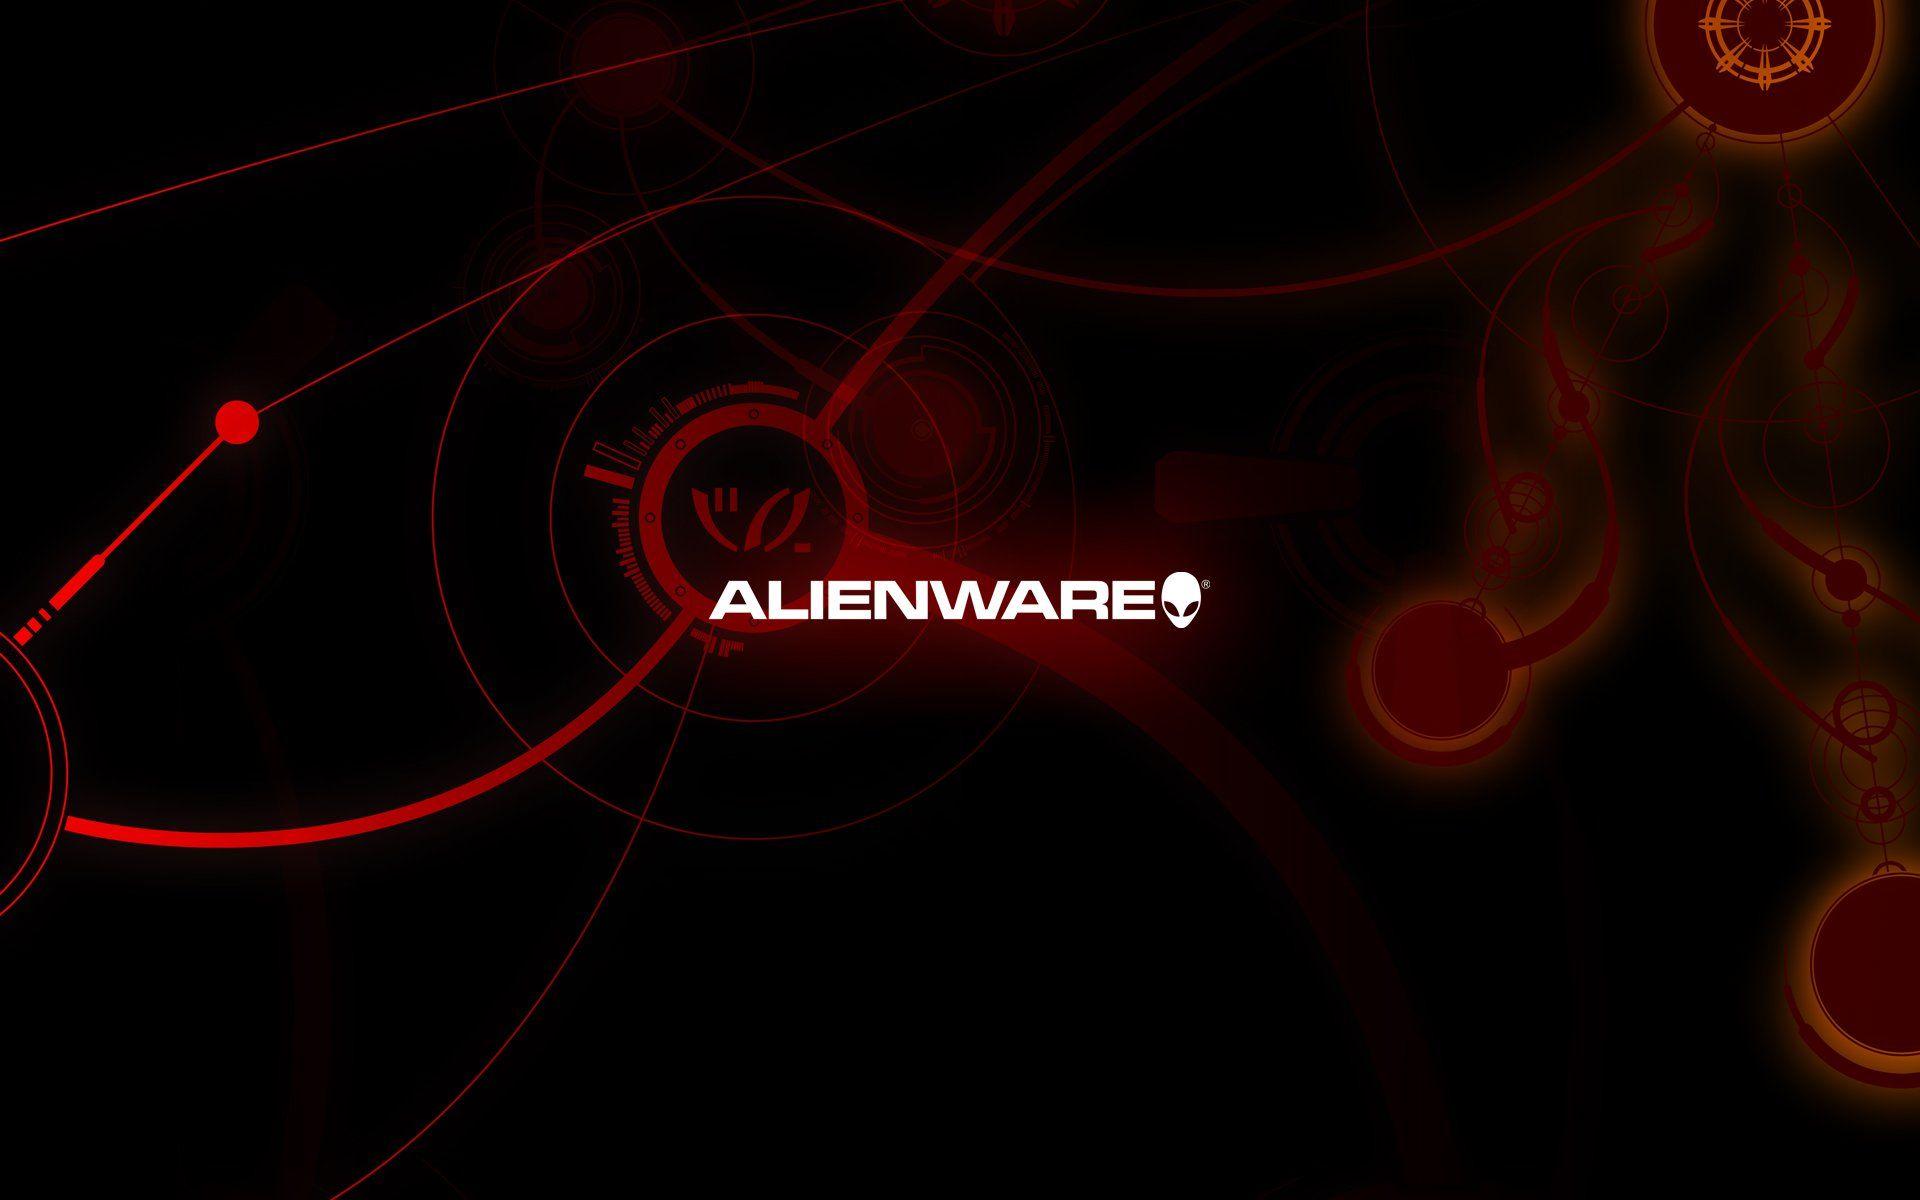 Hd Alienware Wallpapers 1920x1080 U0026 Alienware Backgrounds For Laptops U0026 Desktops Https Ift Tt 2zoebaz Alienware Wallpaper 4k Wallpaper For Mobile